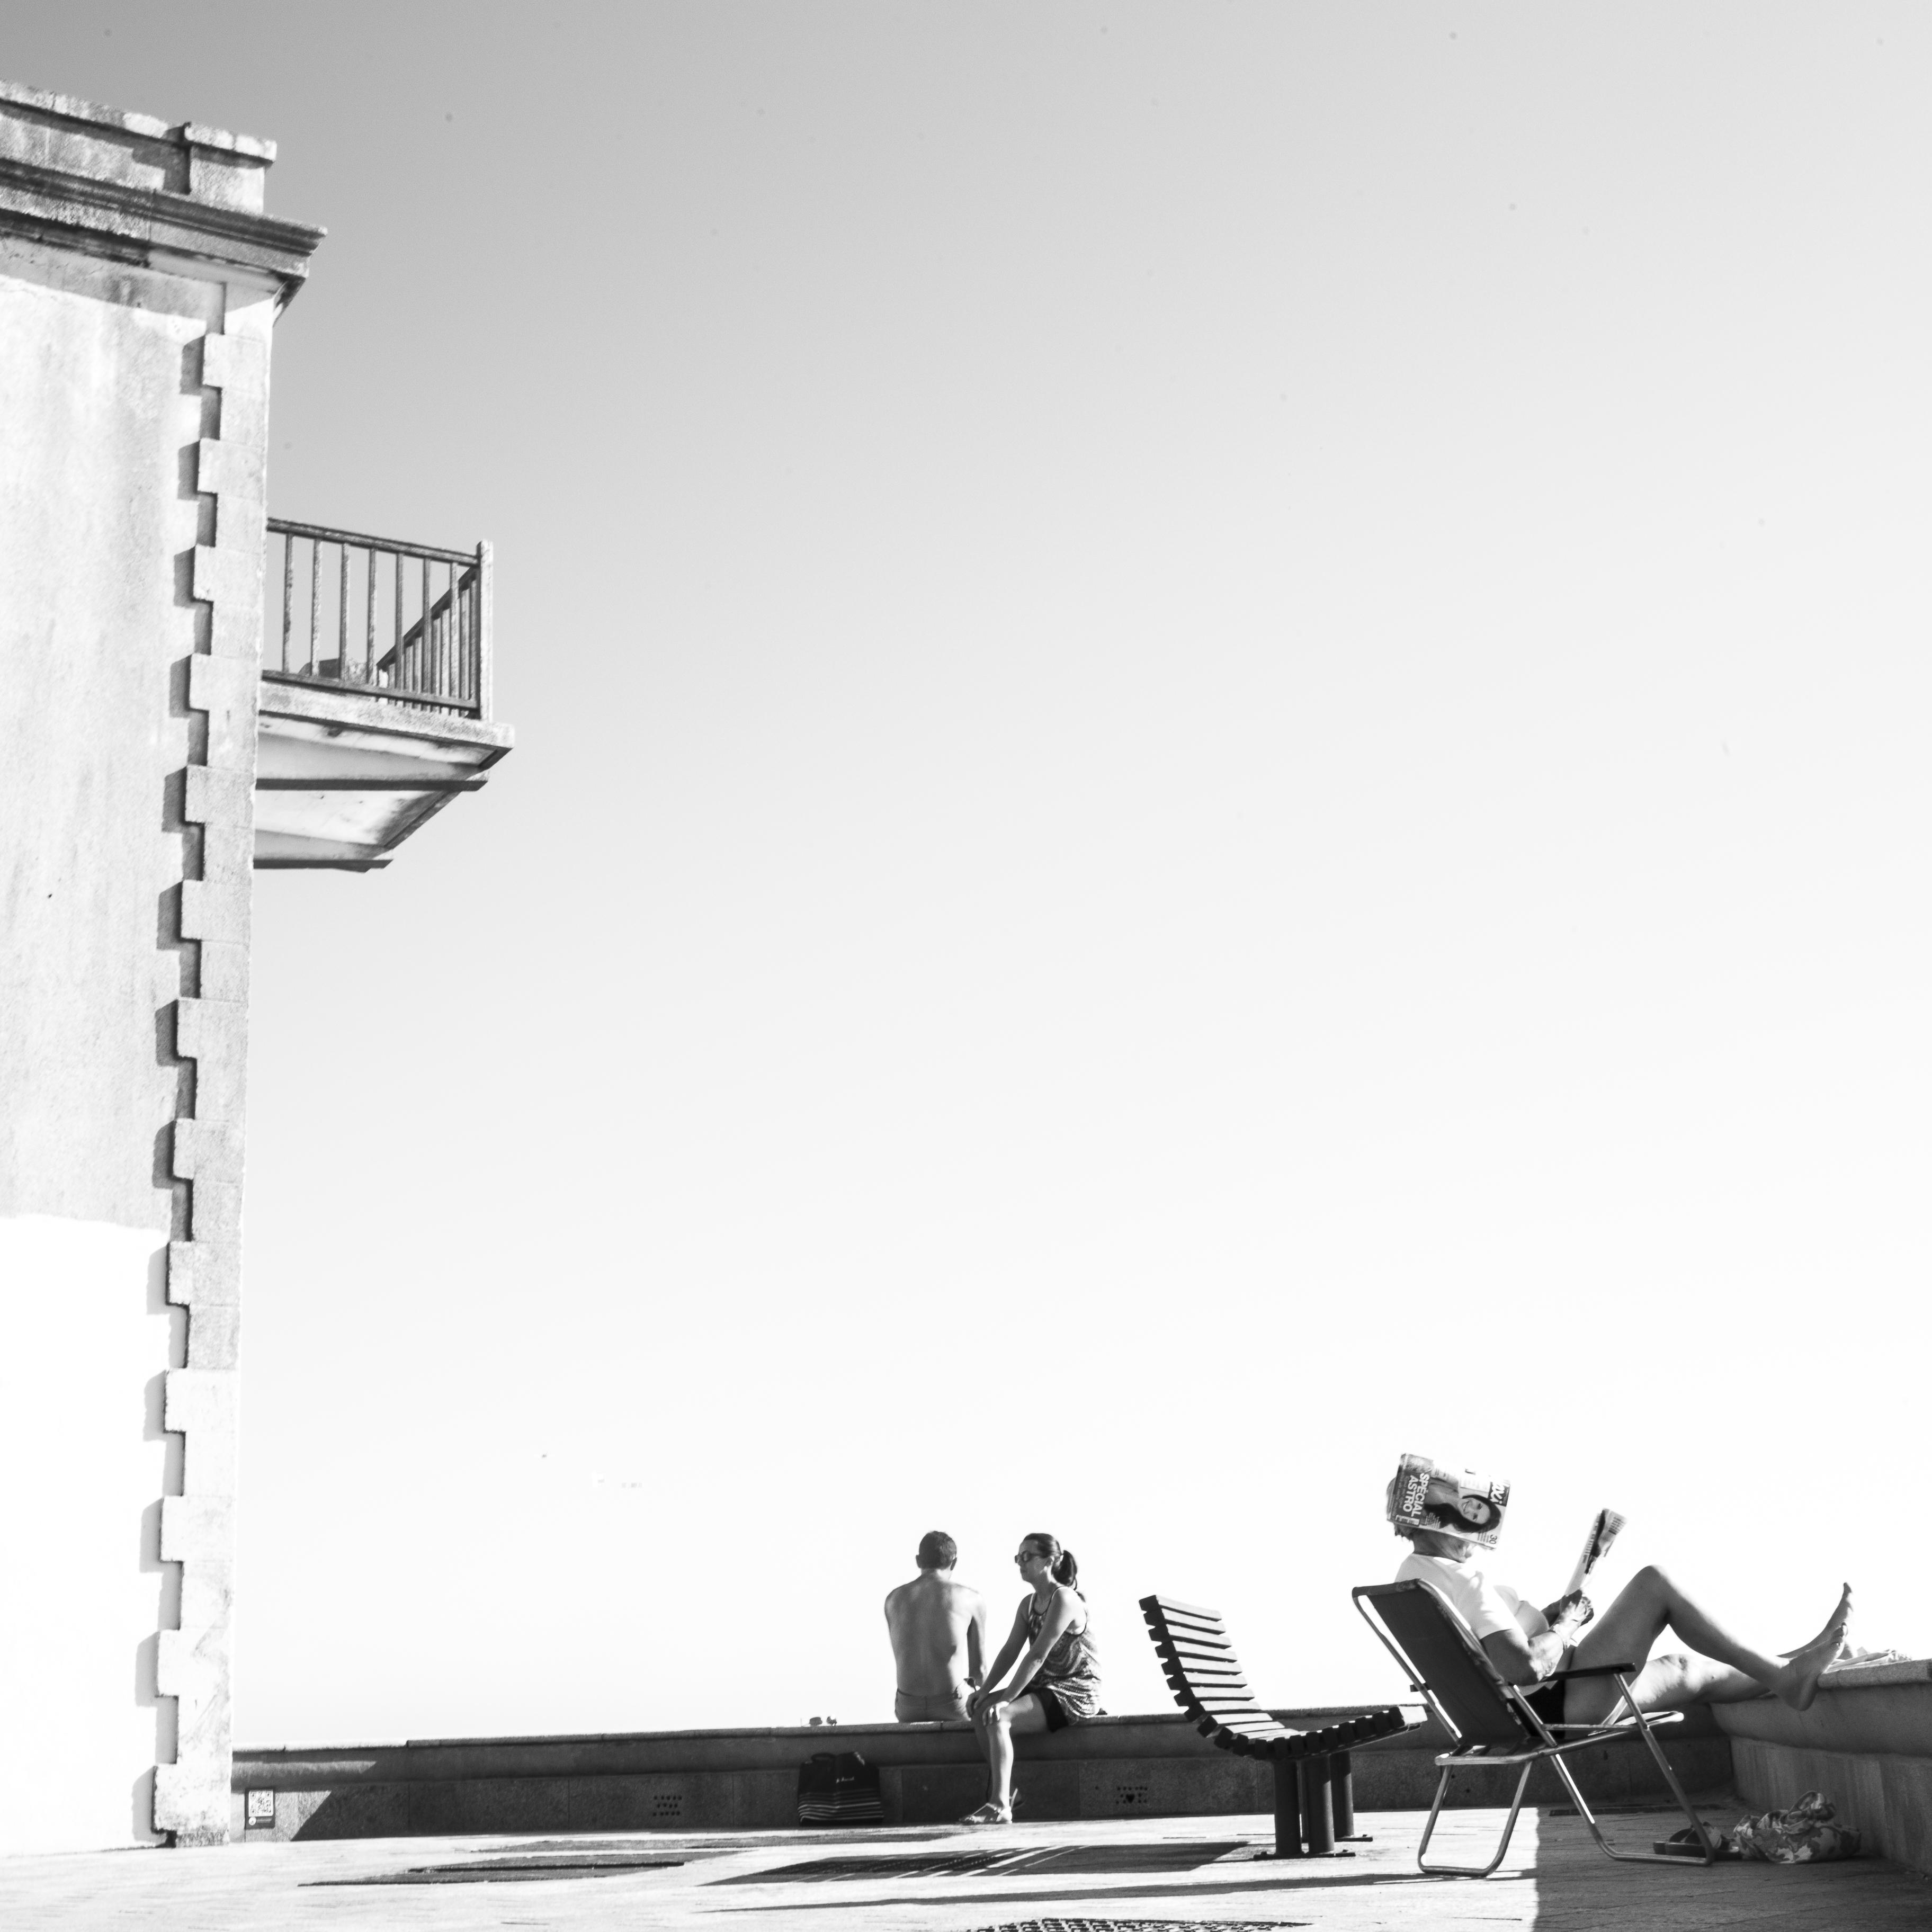 SinShine - Photographie Yann Lecomte- Sablographie